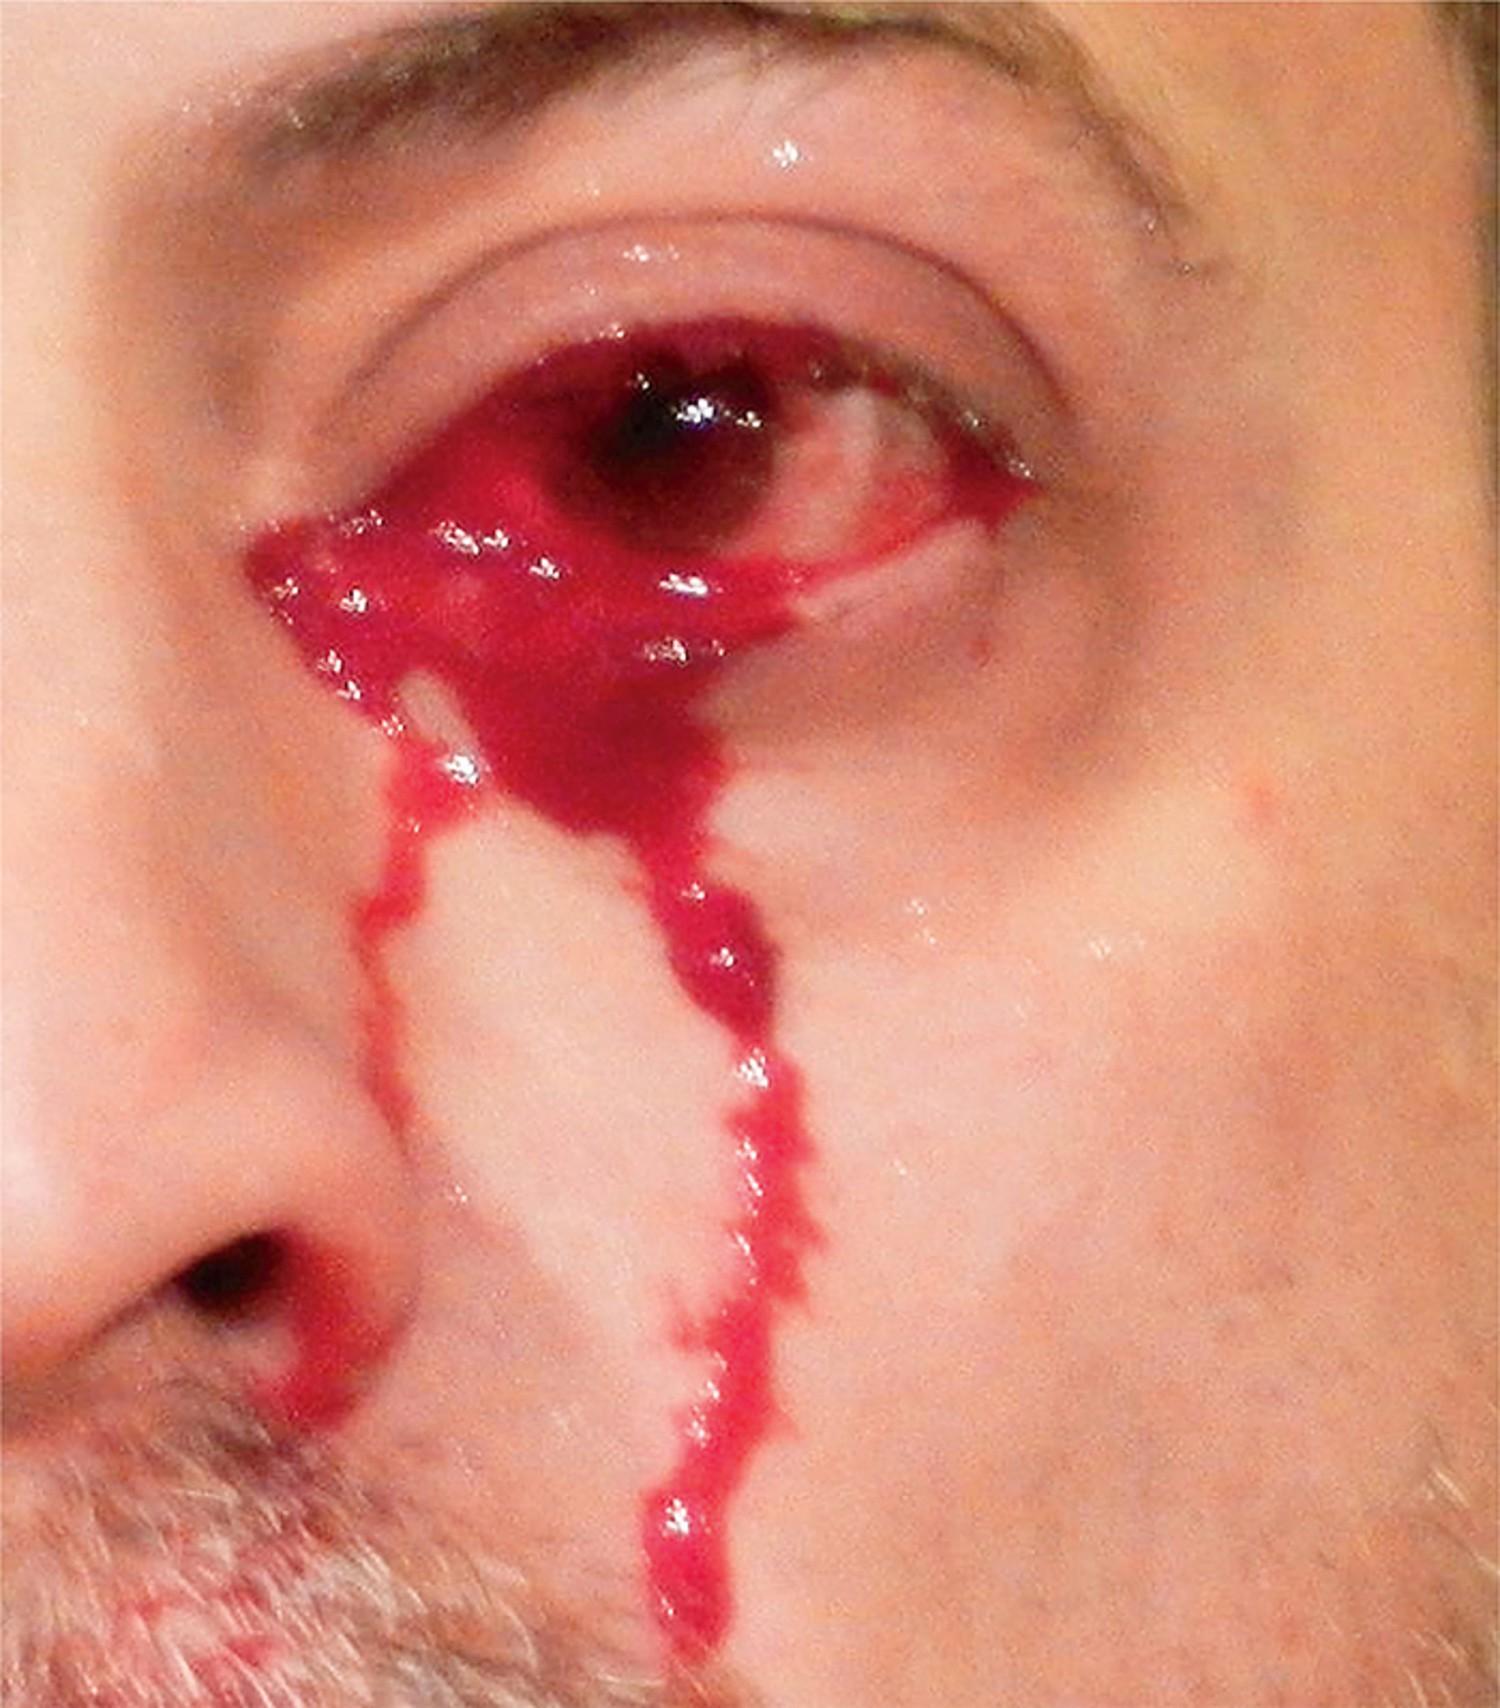 Có 1 hội chứng khiến con người ta khóc ra máu nhưng không phải ai cũng biết tới - Ảnh 1.